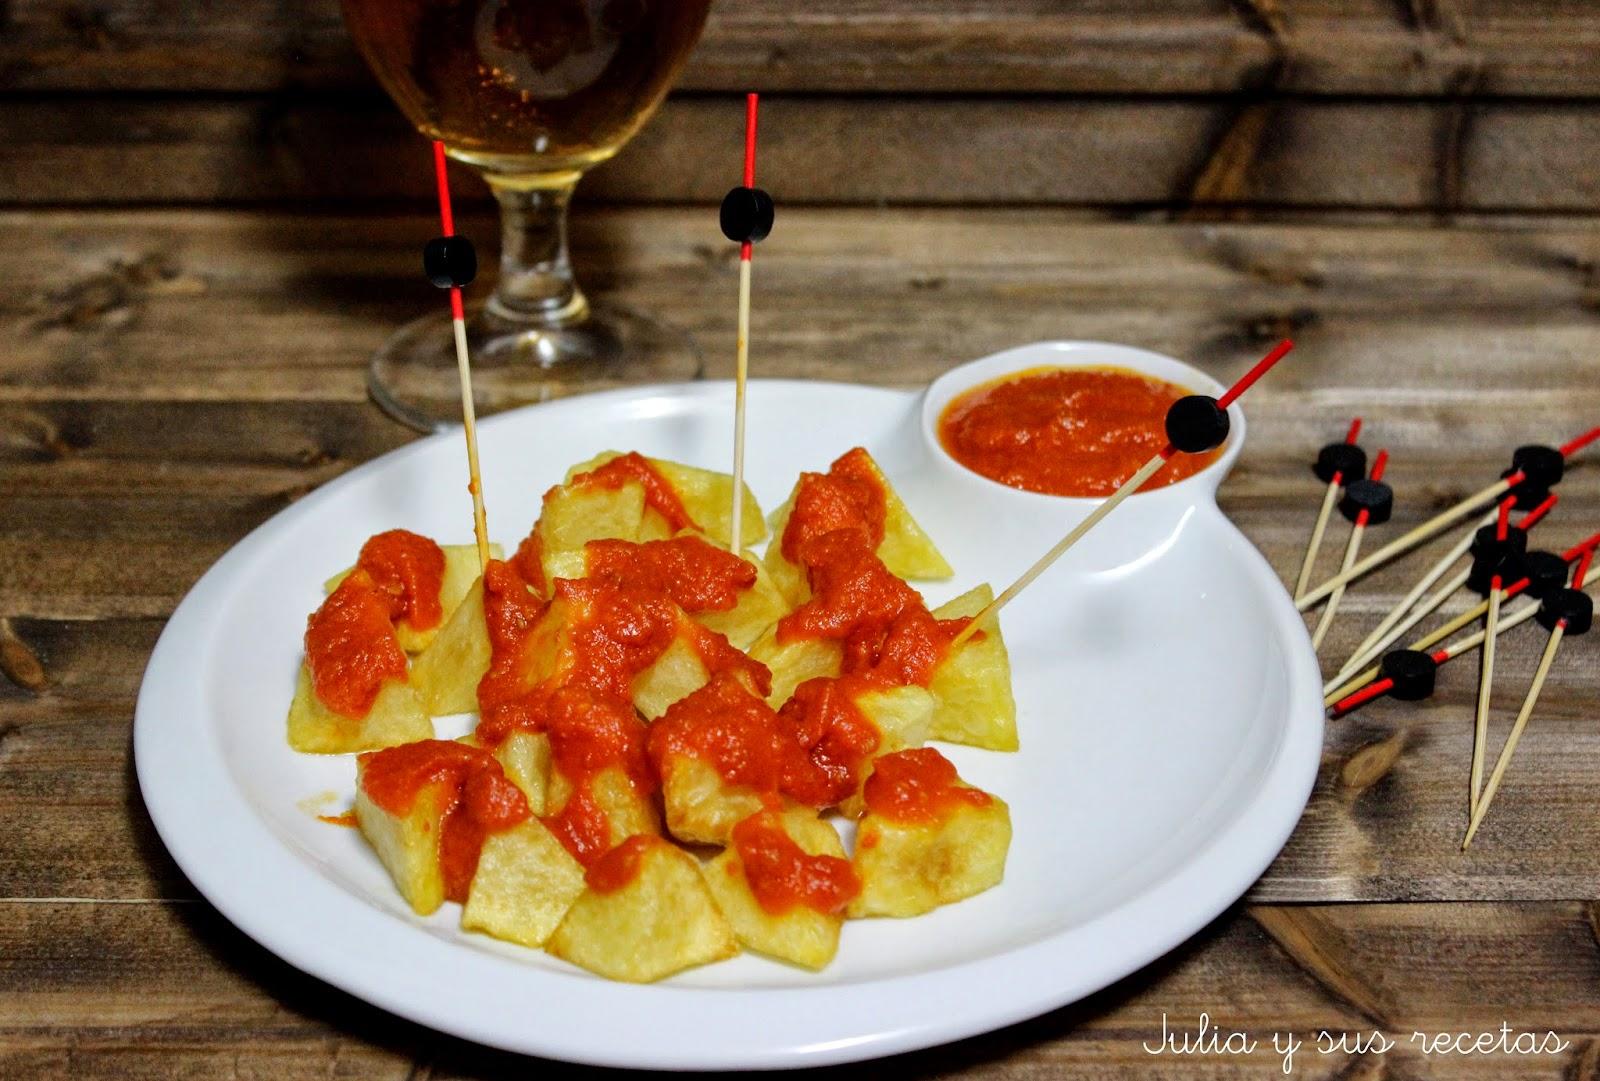 Patatas bravas. Julia y sus recetas